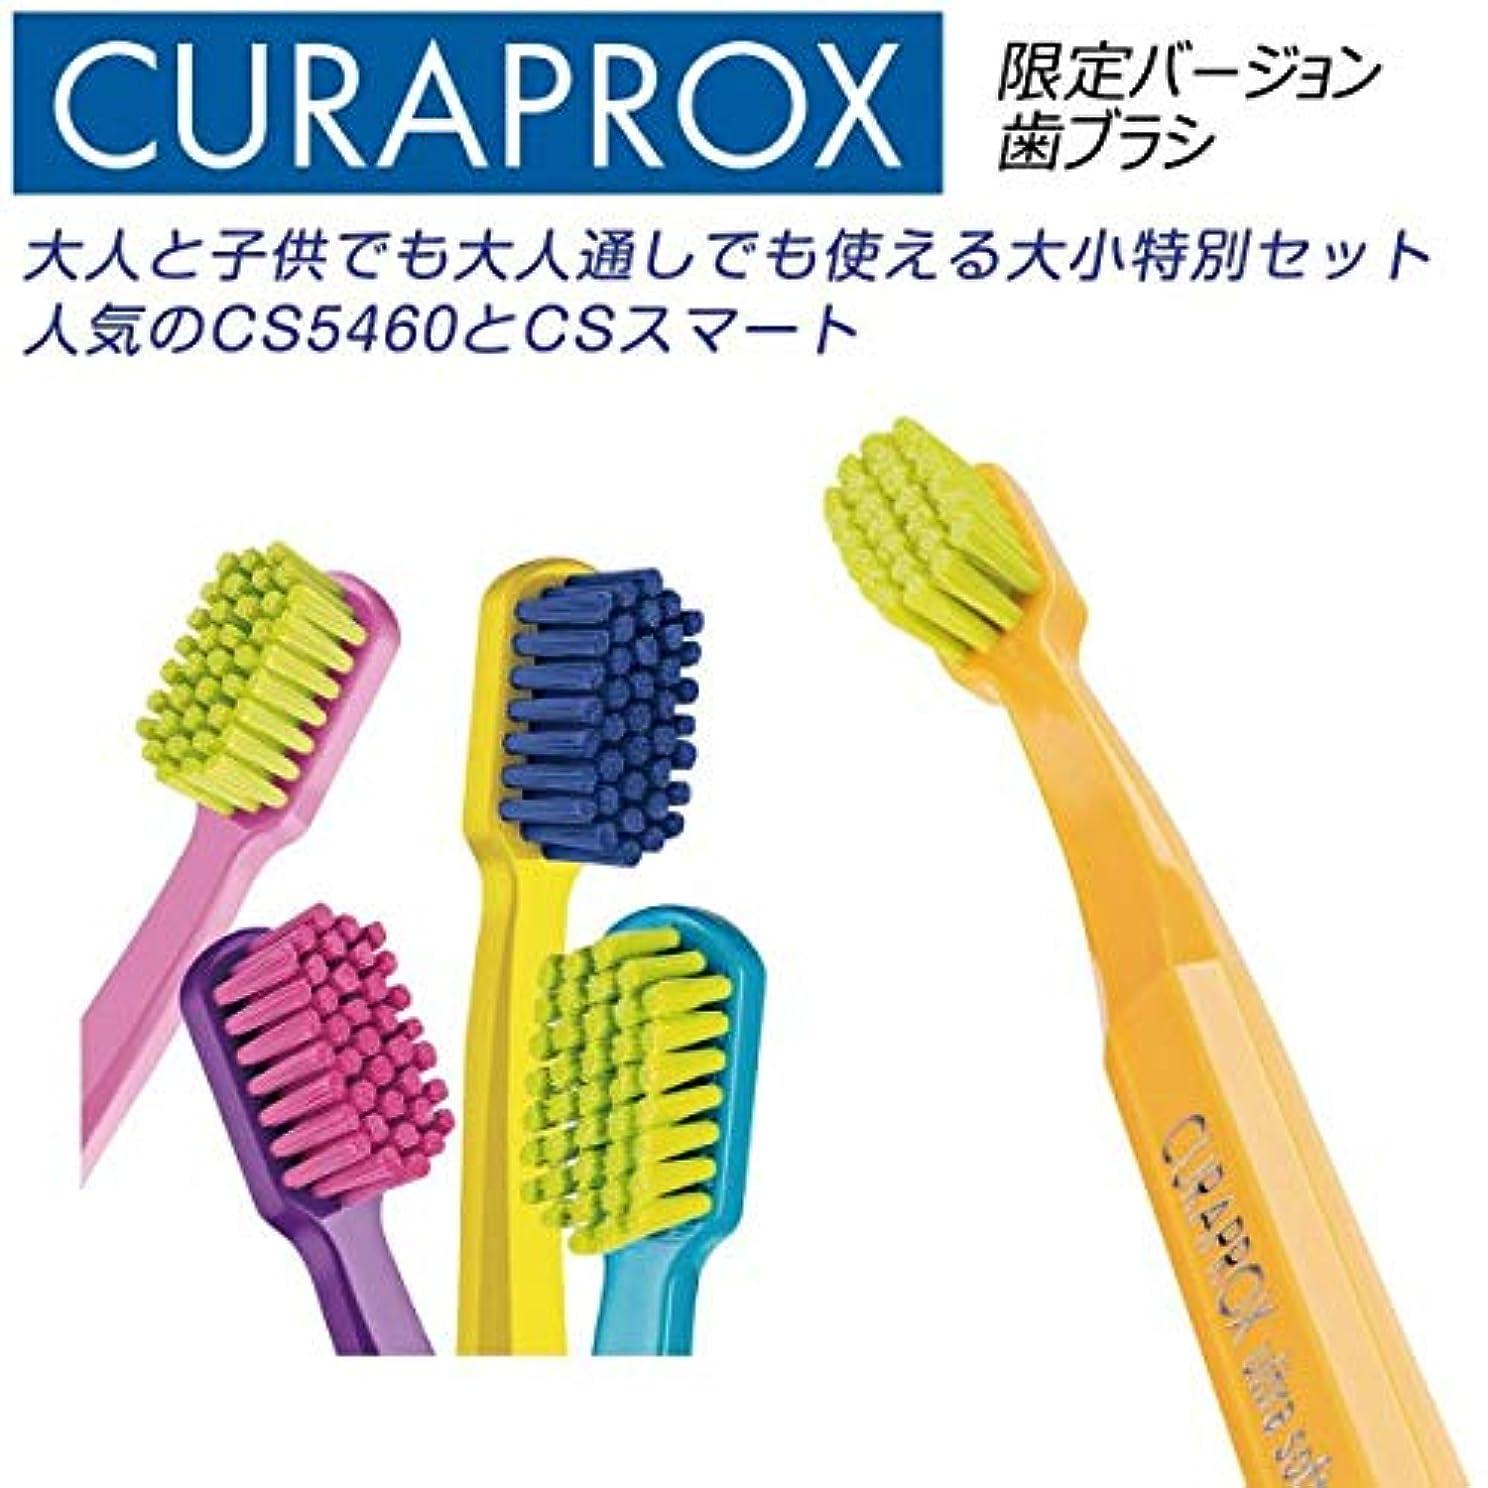 灌漑進捗側クラプロックス 歯ブラシ CS5460 ファミリーエディション黄緑+ピンク